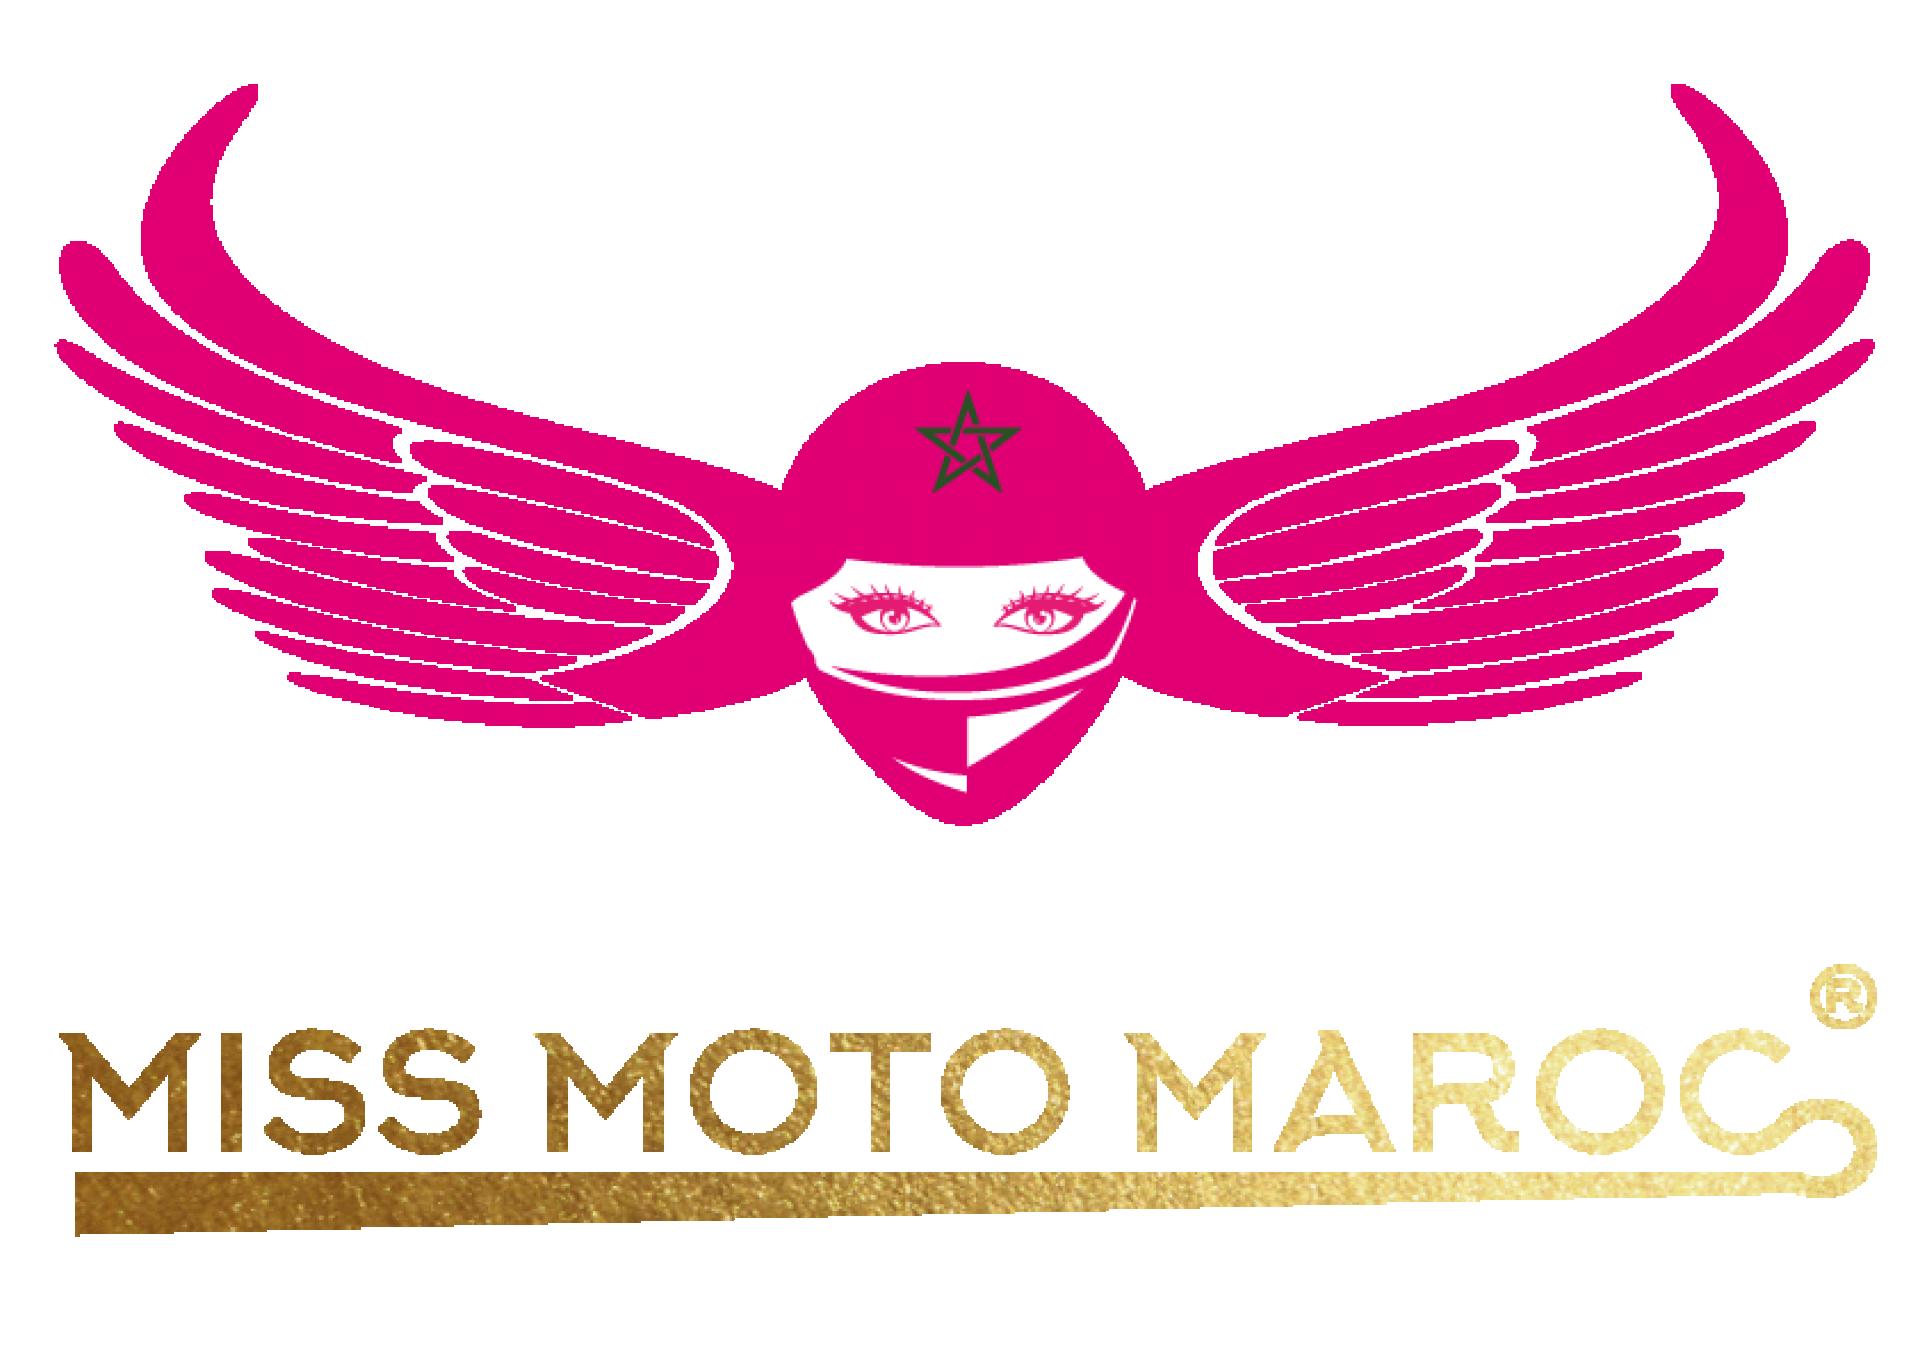 MISS MOTO MAROC logo